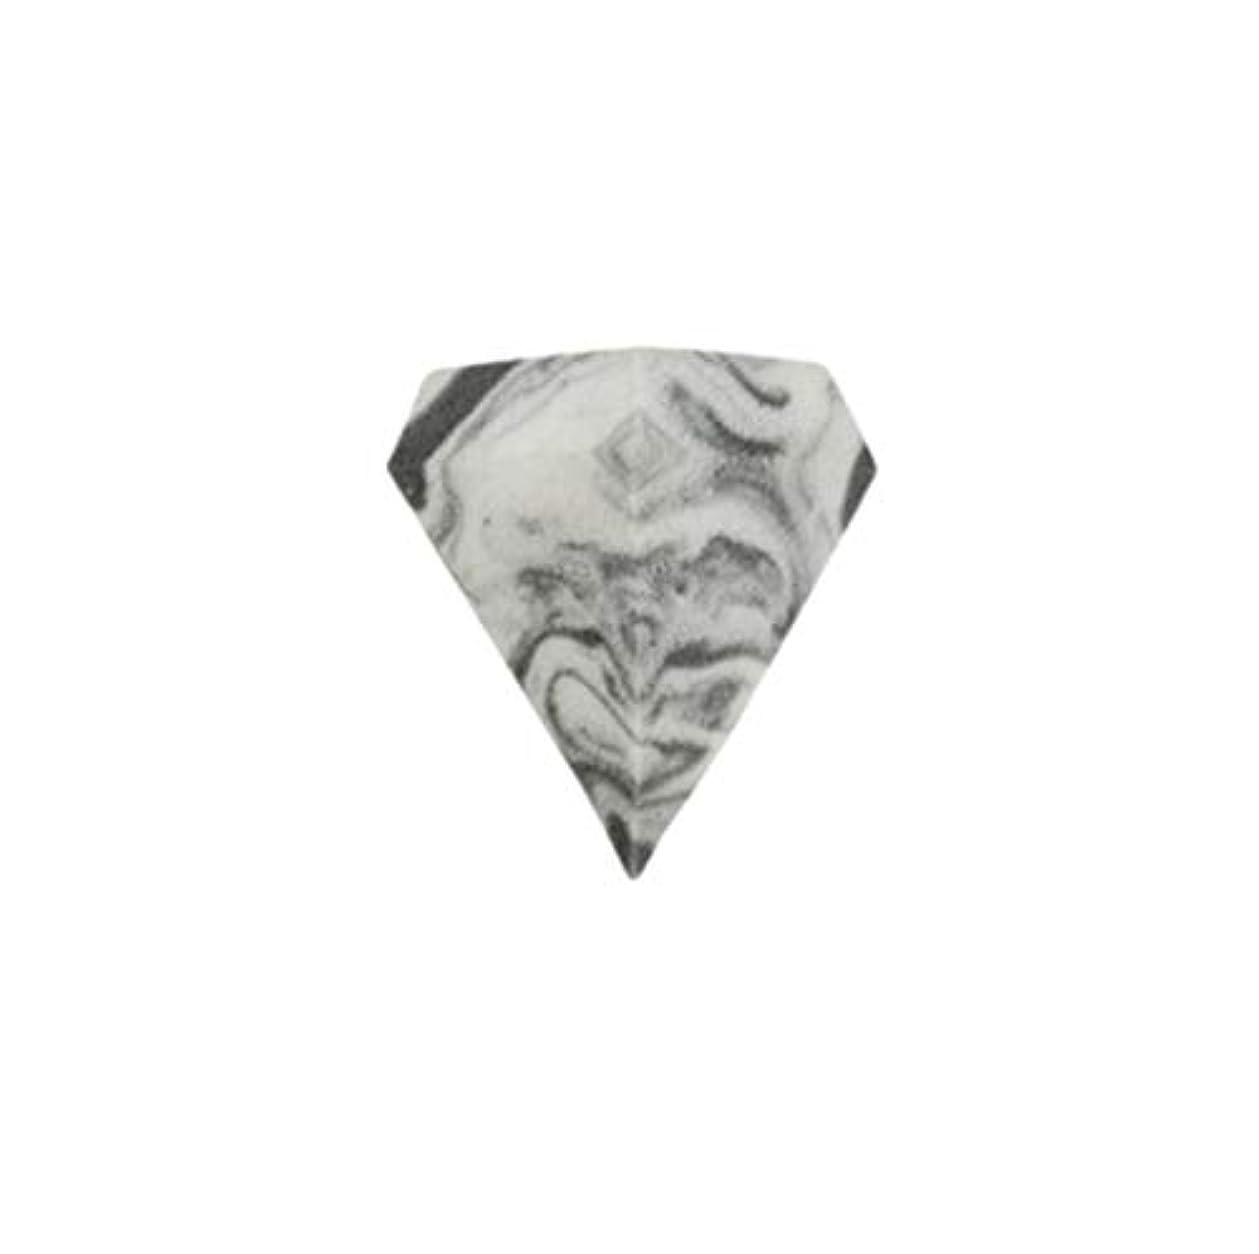 うつ検索エンジン最適化時々美のスポンジ、柔らかいダイヤモンド形の構造の混合物の基礎スポンジ